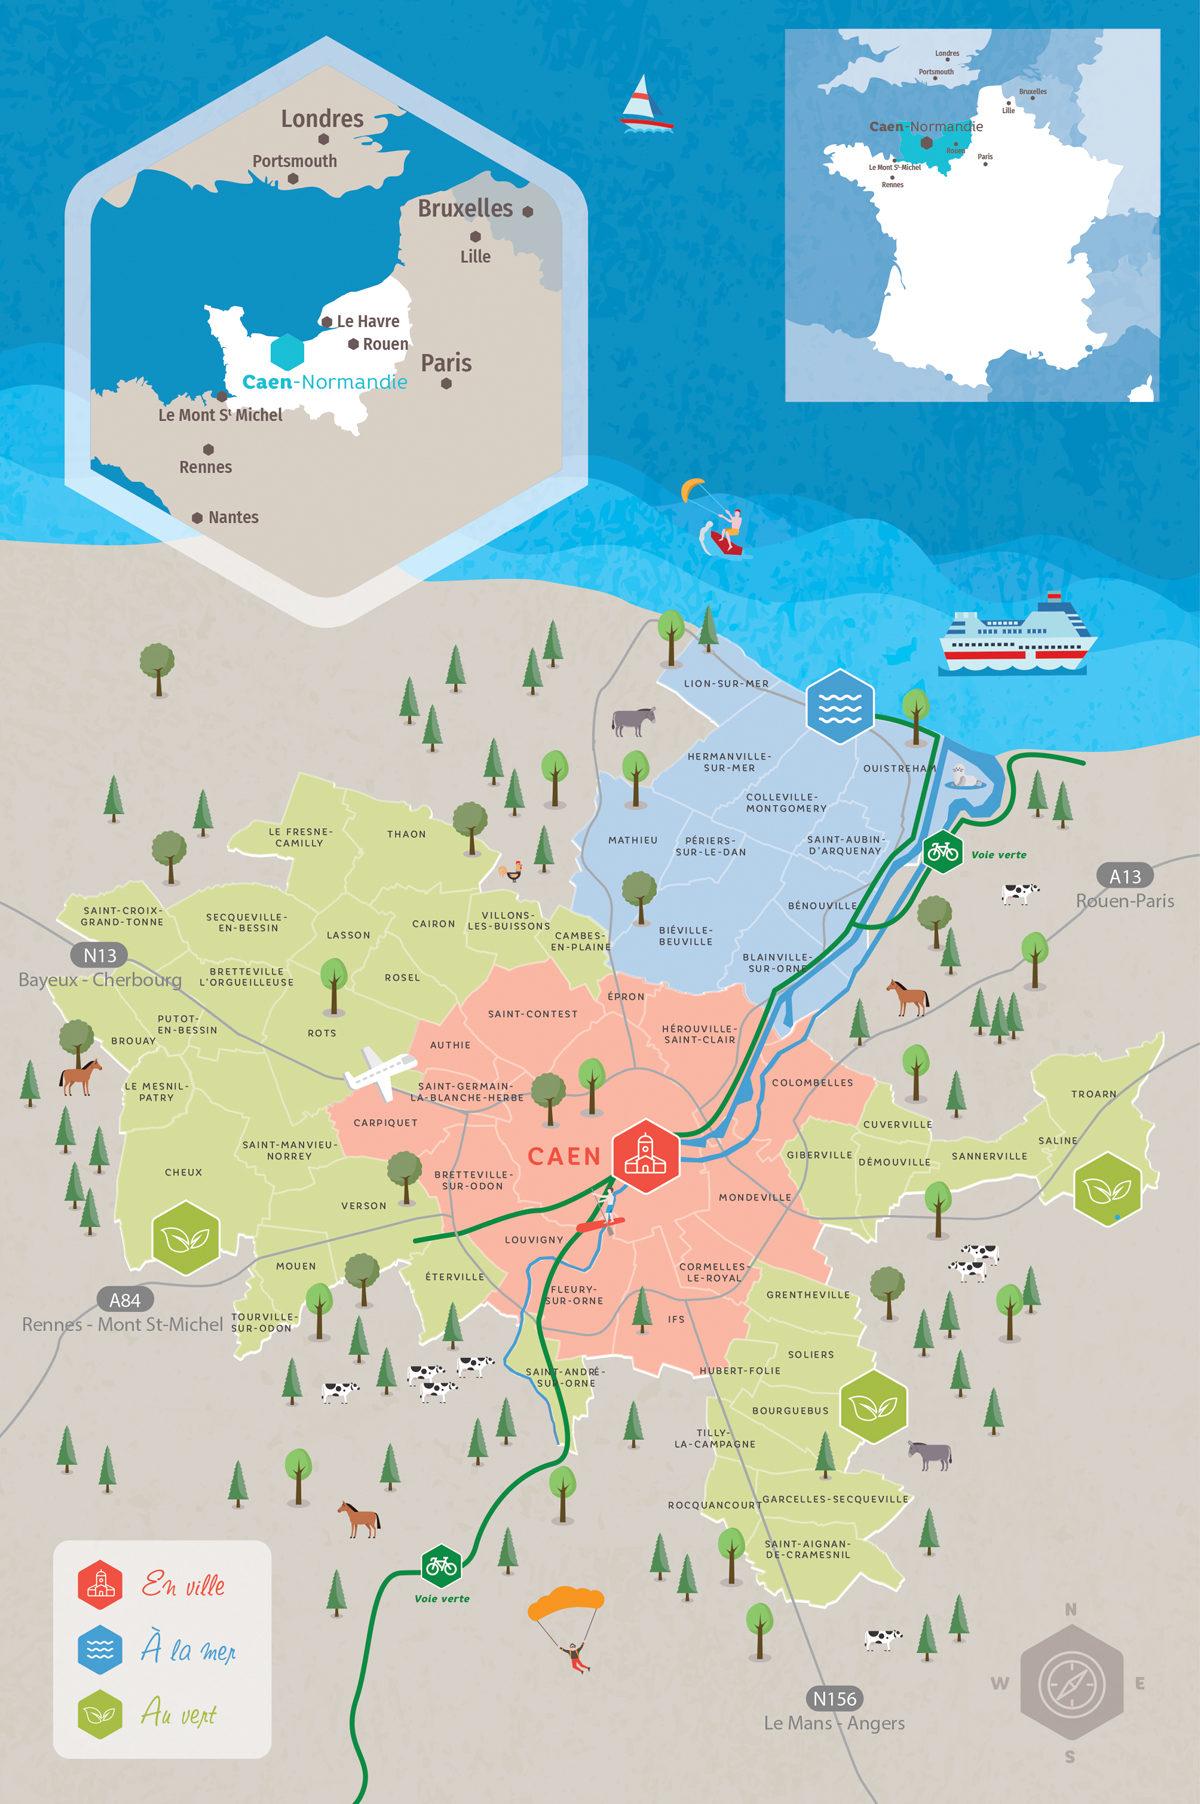 Carte touristique de Caen-Normandie